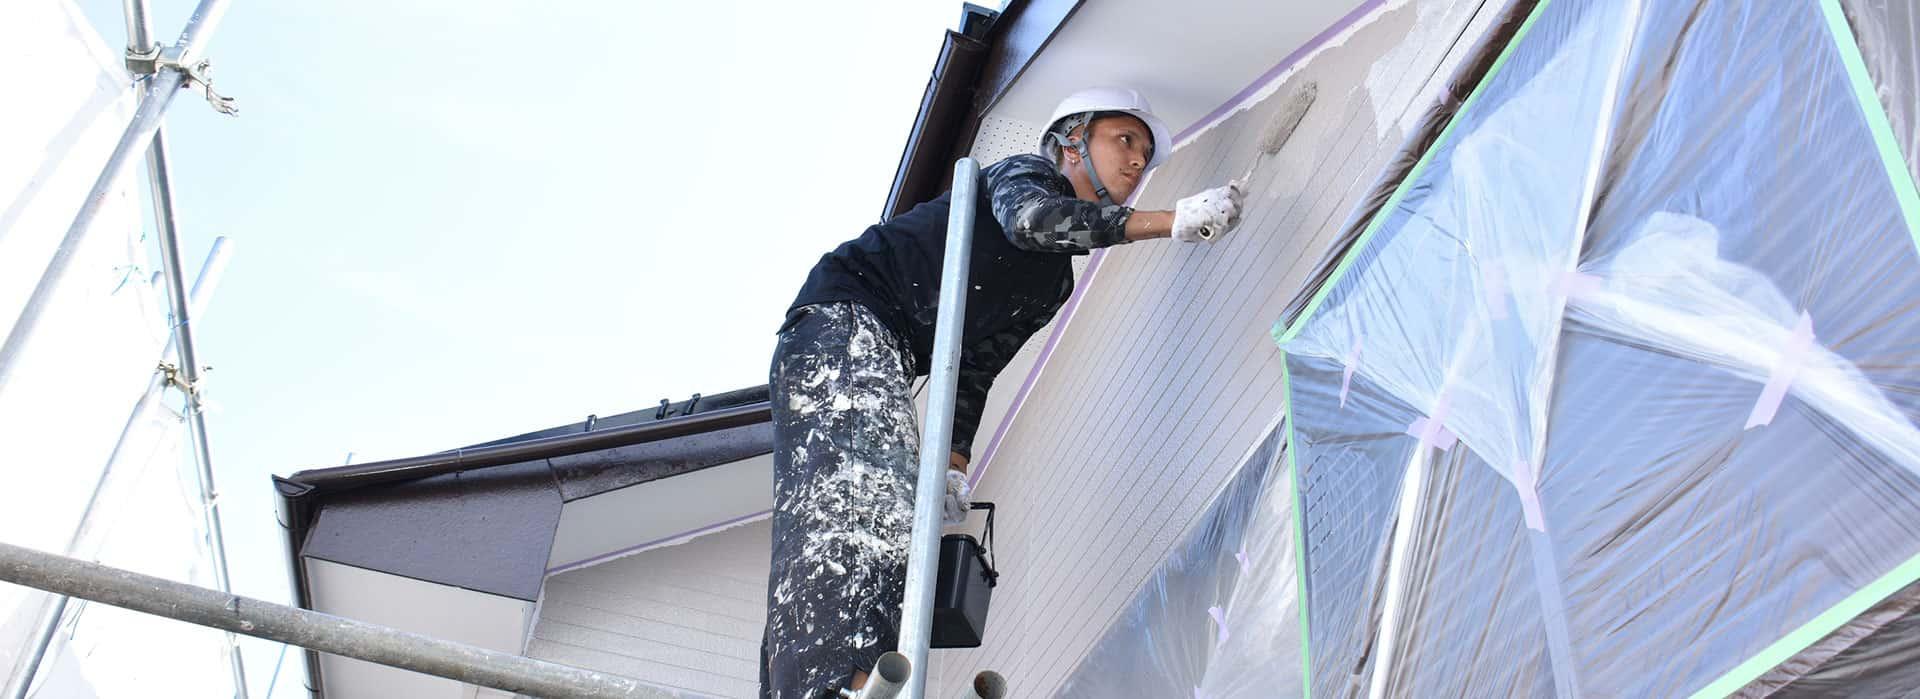 横浜市瀬谷区にて外壁塗装 〜足場組み立て・高圧洗浄〜